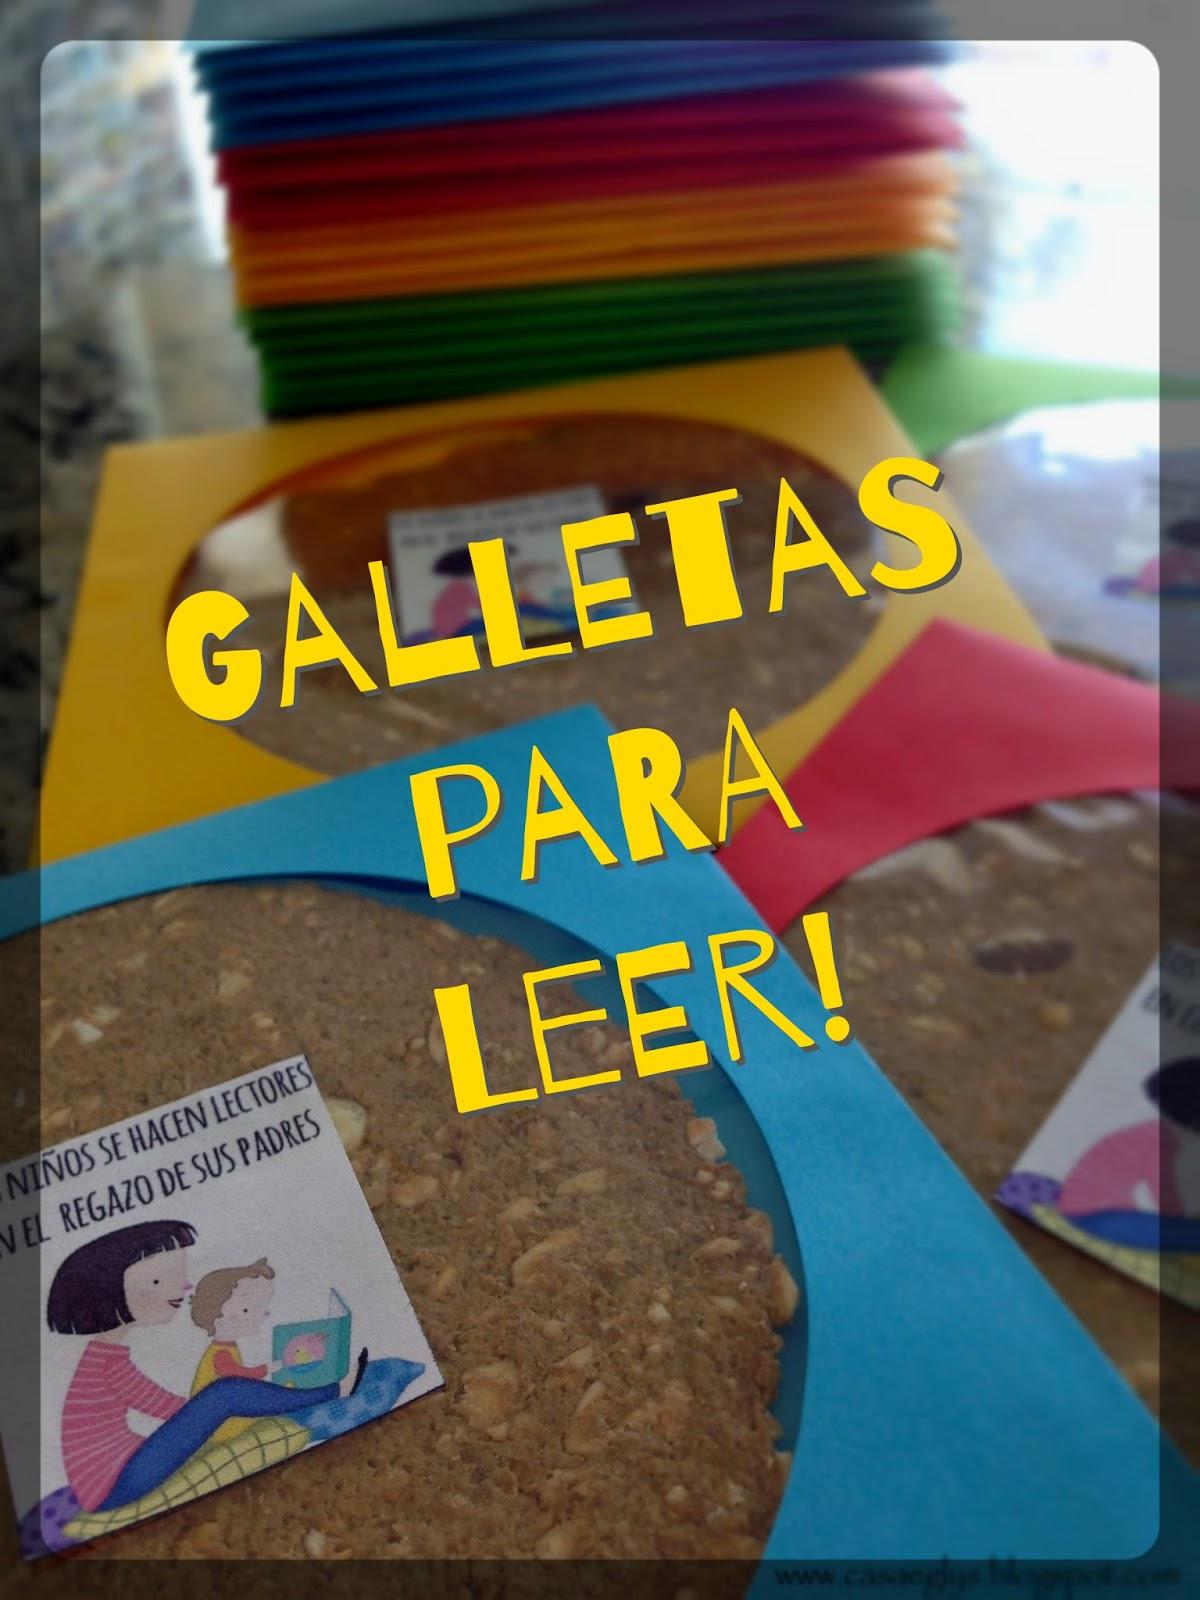 Casa Eglys: DIY: Empaquetado Bonito - Galletas para Leer